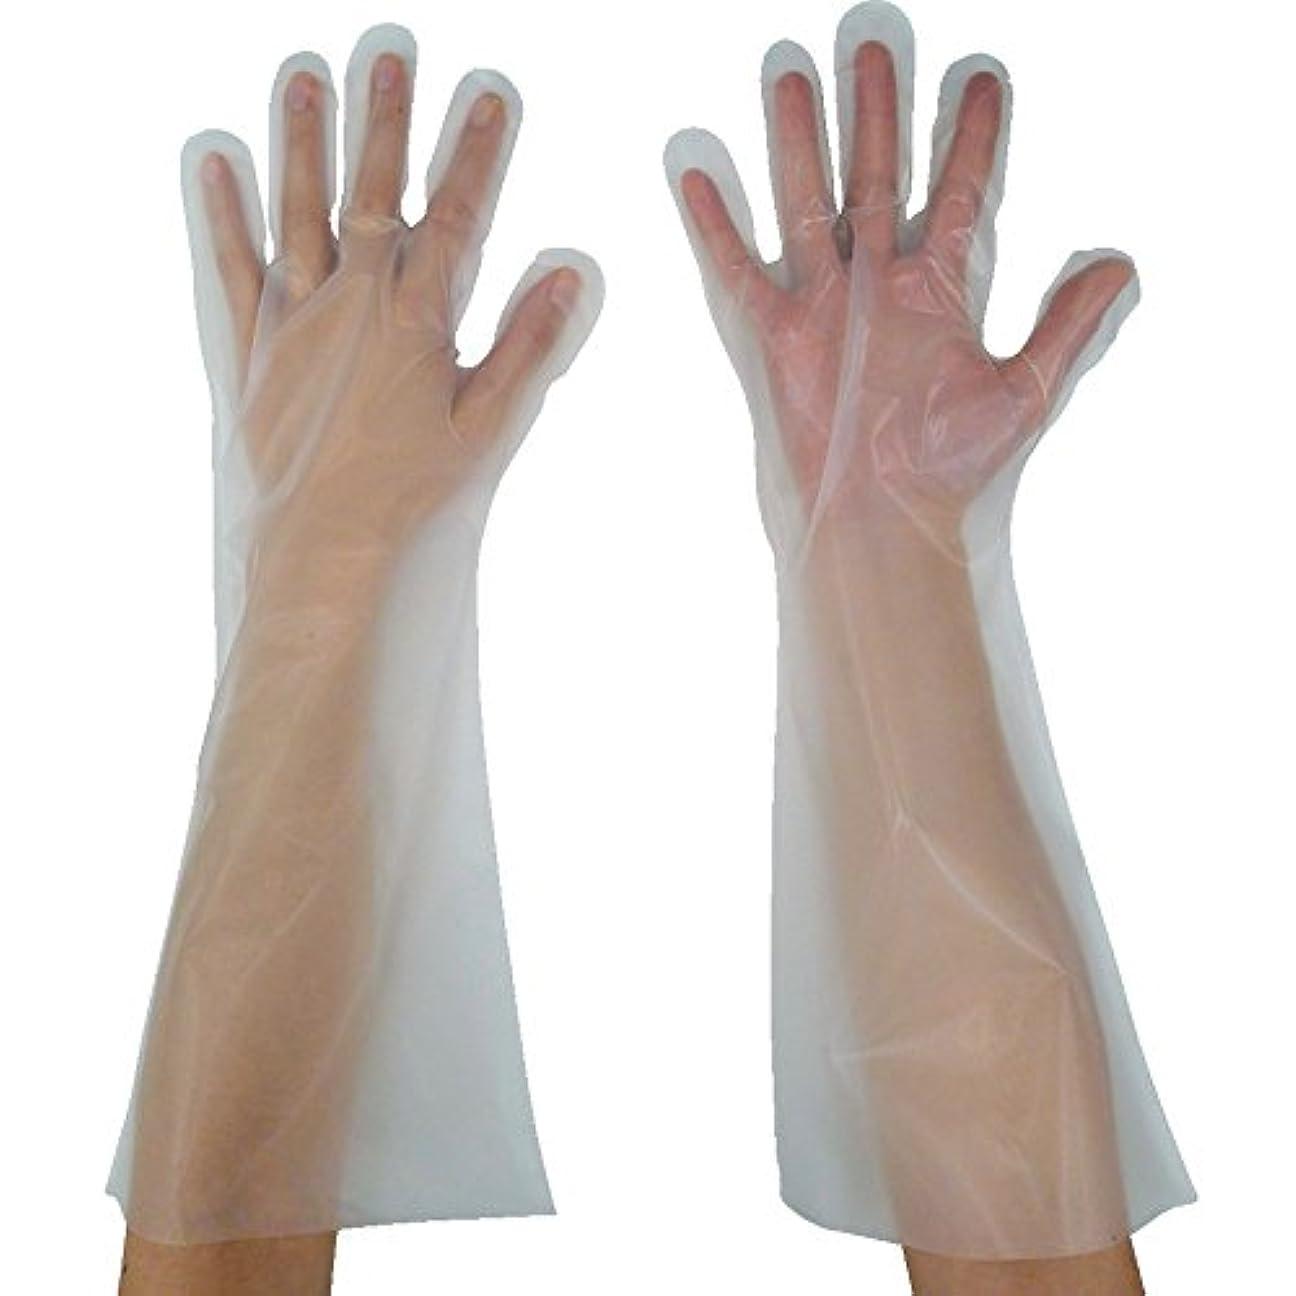 明らかにユダヤ人ジャンク東京パック 緊急災害対策用手袋ロング五本絞りM 半透明 KL-M ポリエチレン使い捨て手袋